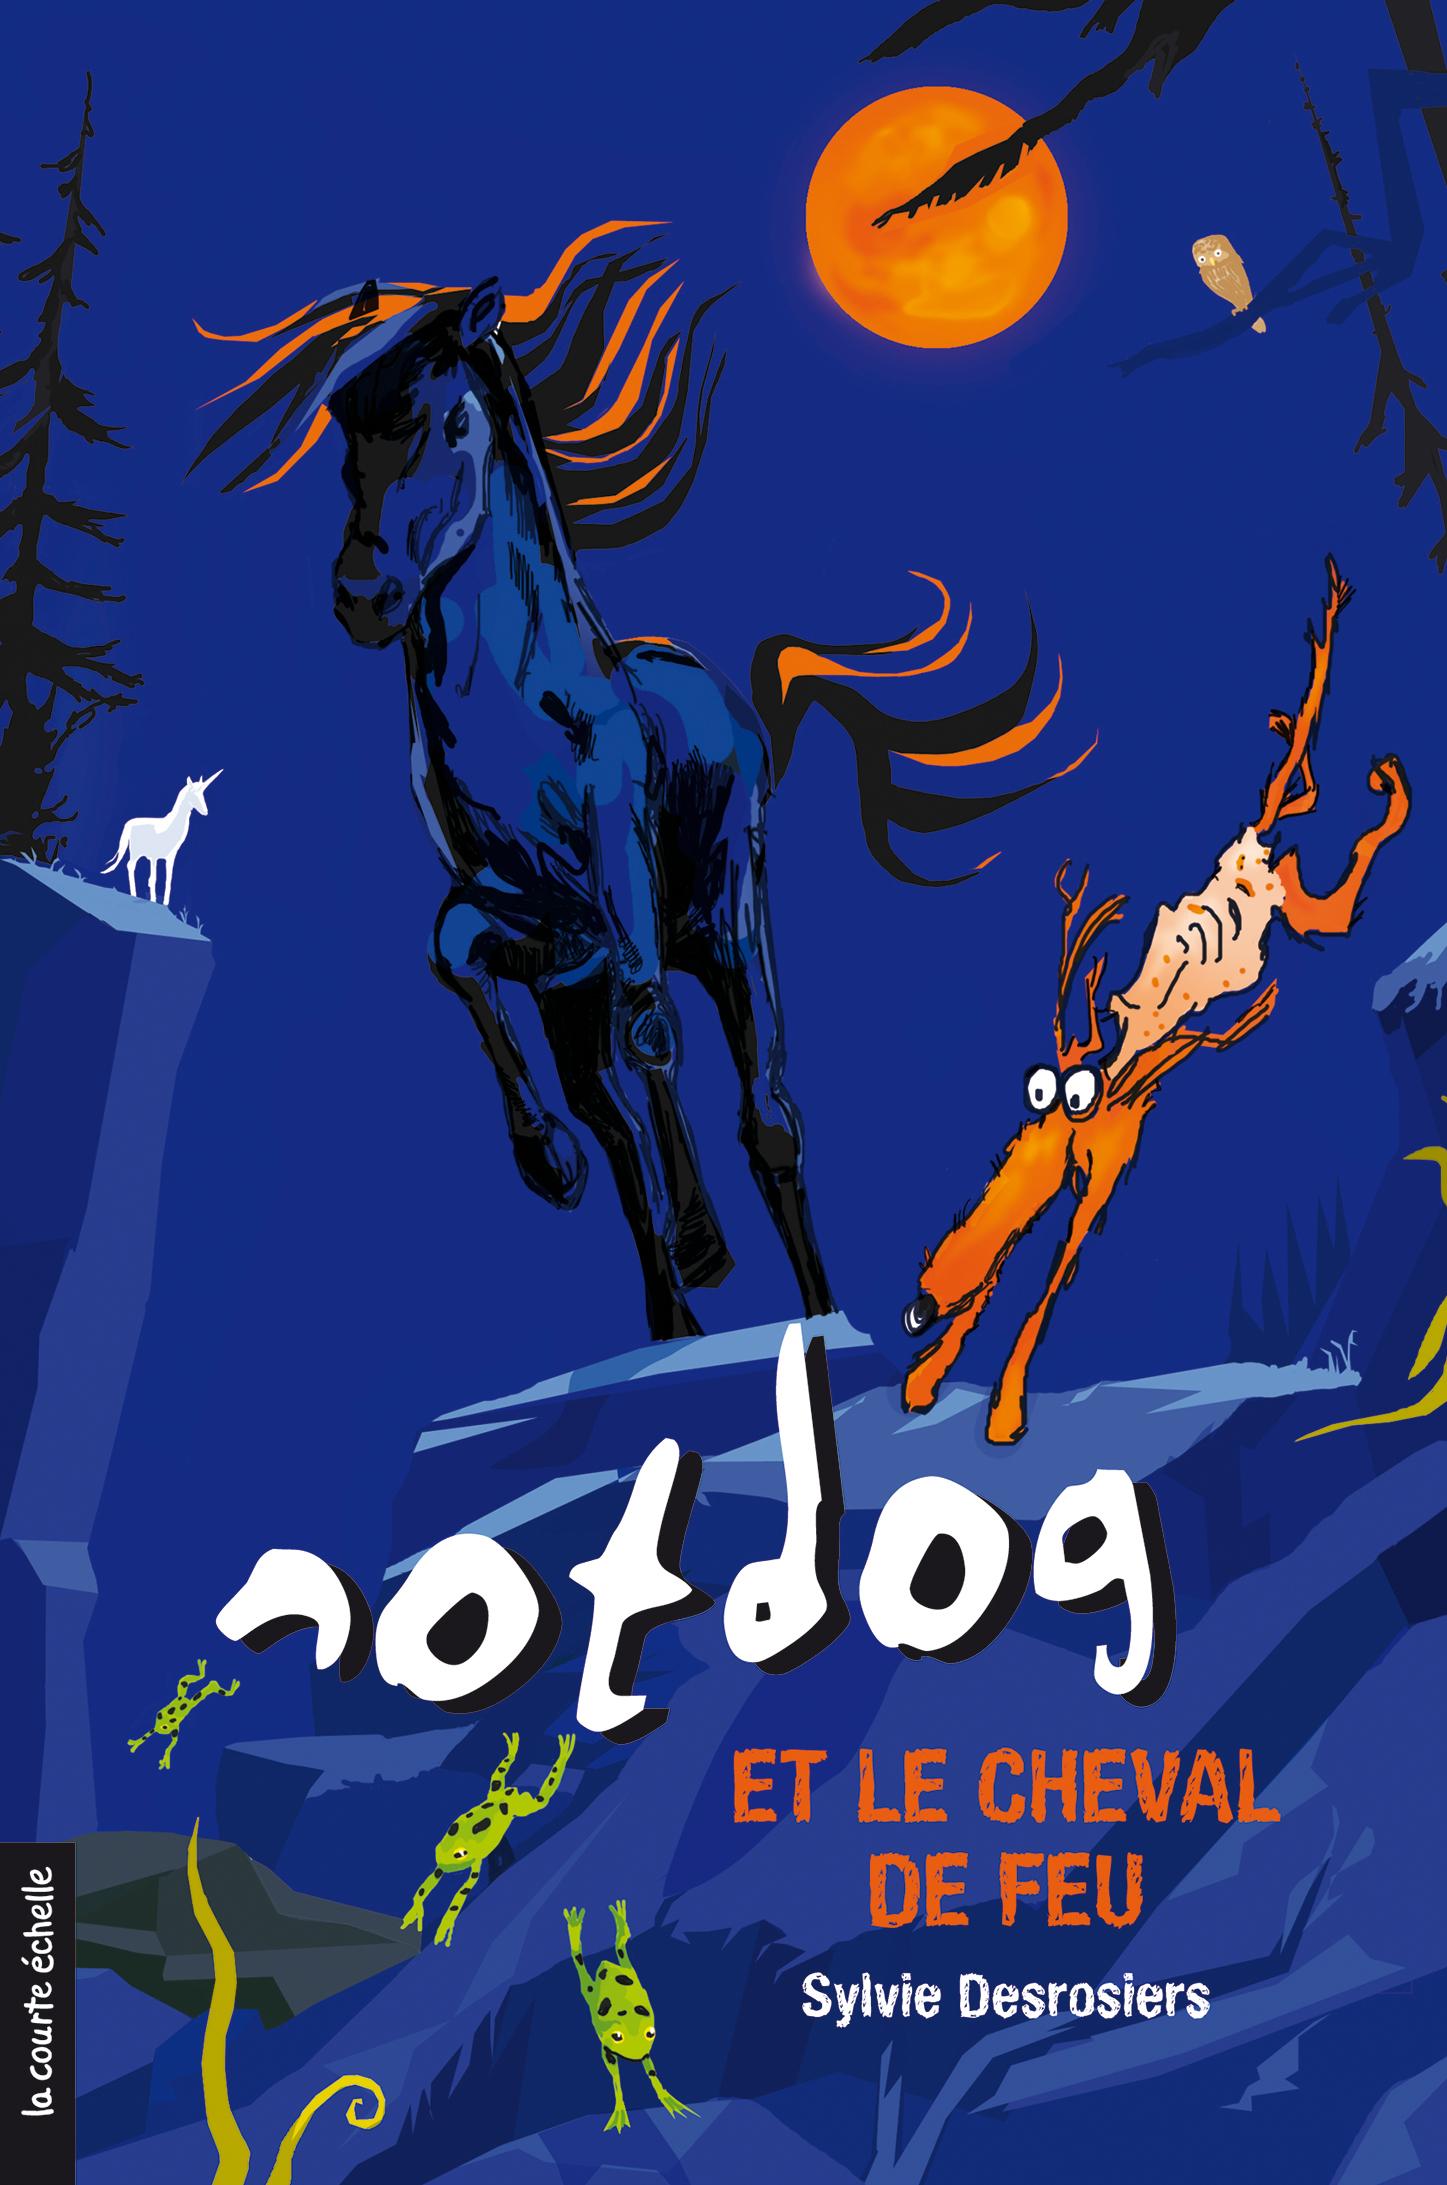 Notdog et le cheval de feu